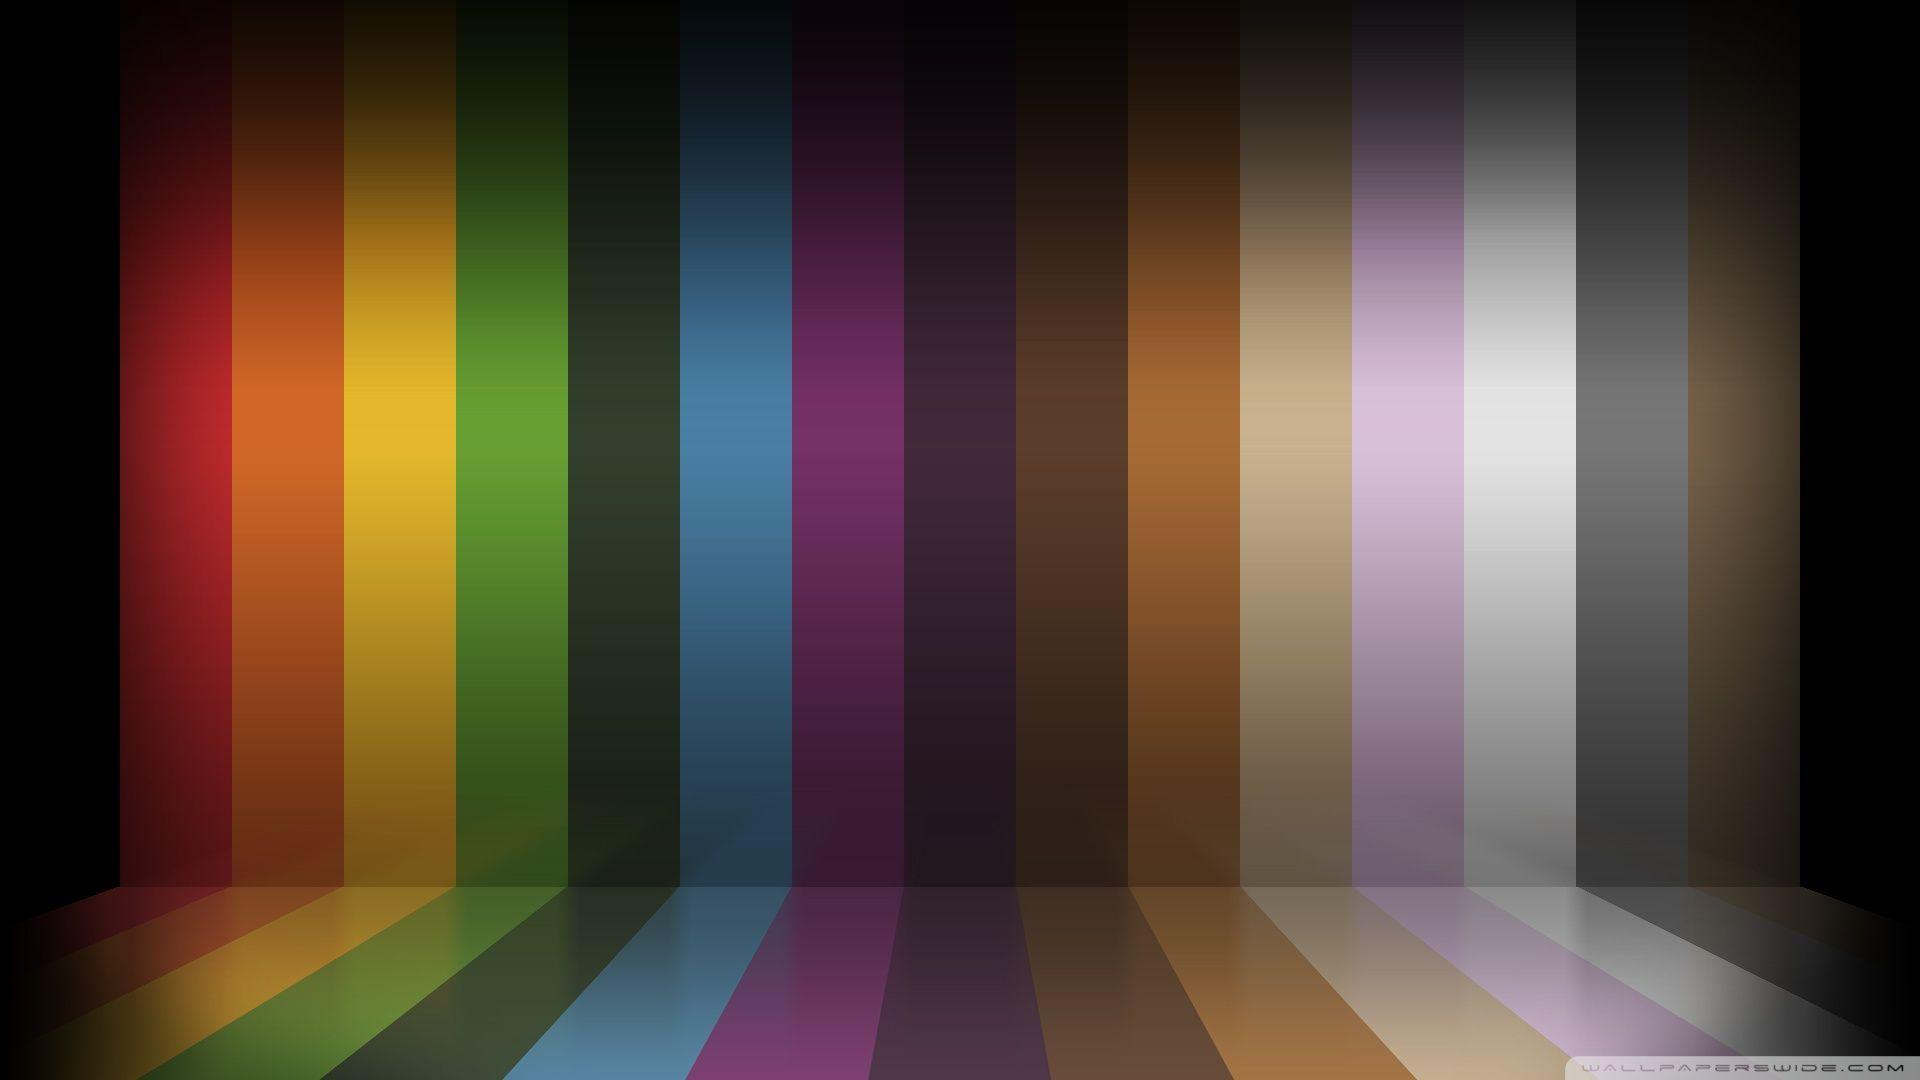 Wallpaper Room - WallpaperSafari